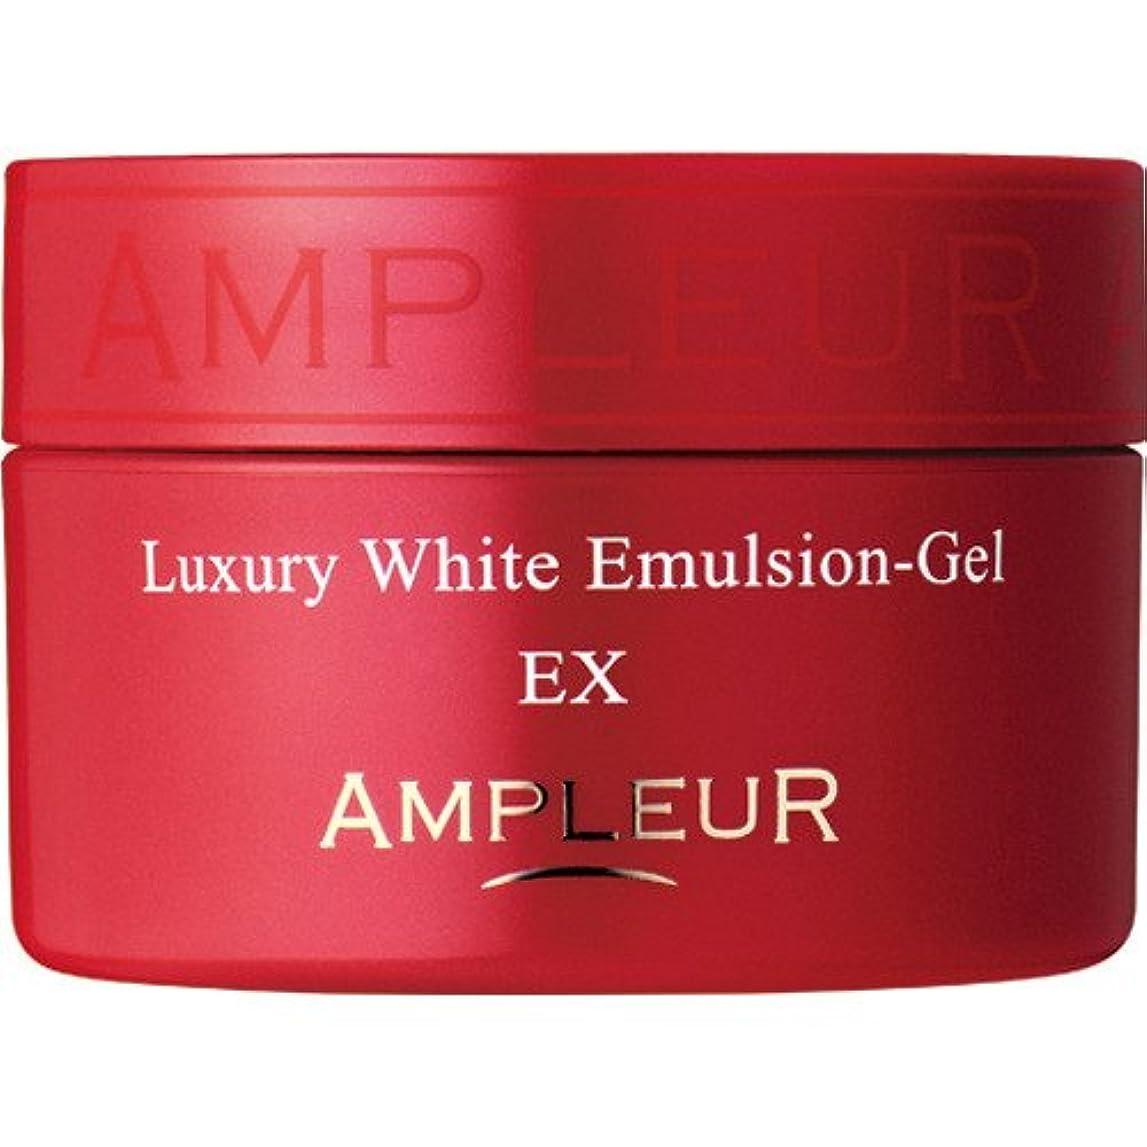 不利の間にれんがAMPLEUR(アンプルール) ラグジュアリーホワイト エマルジョンゲルEX 50g